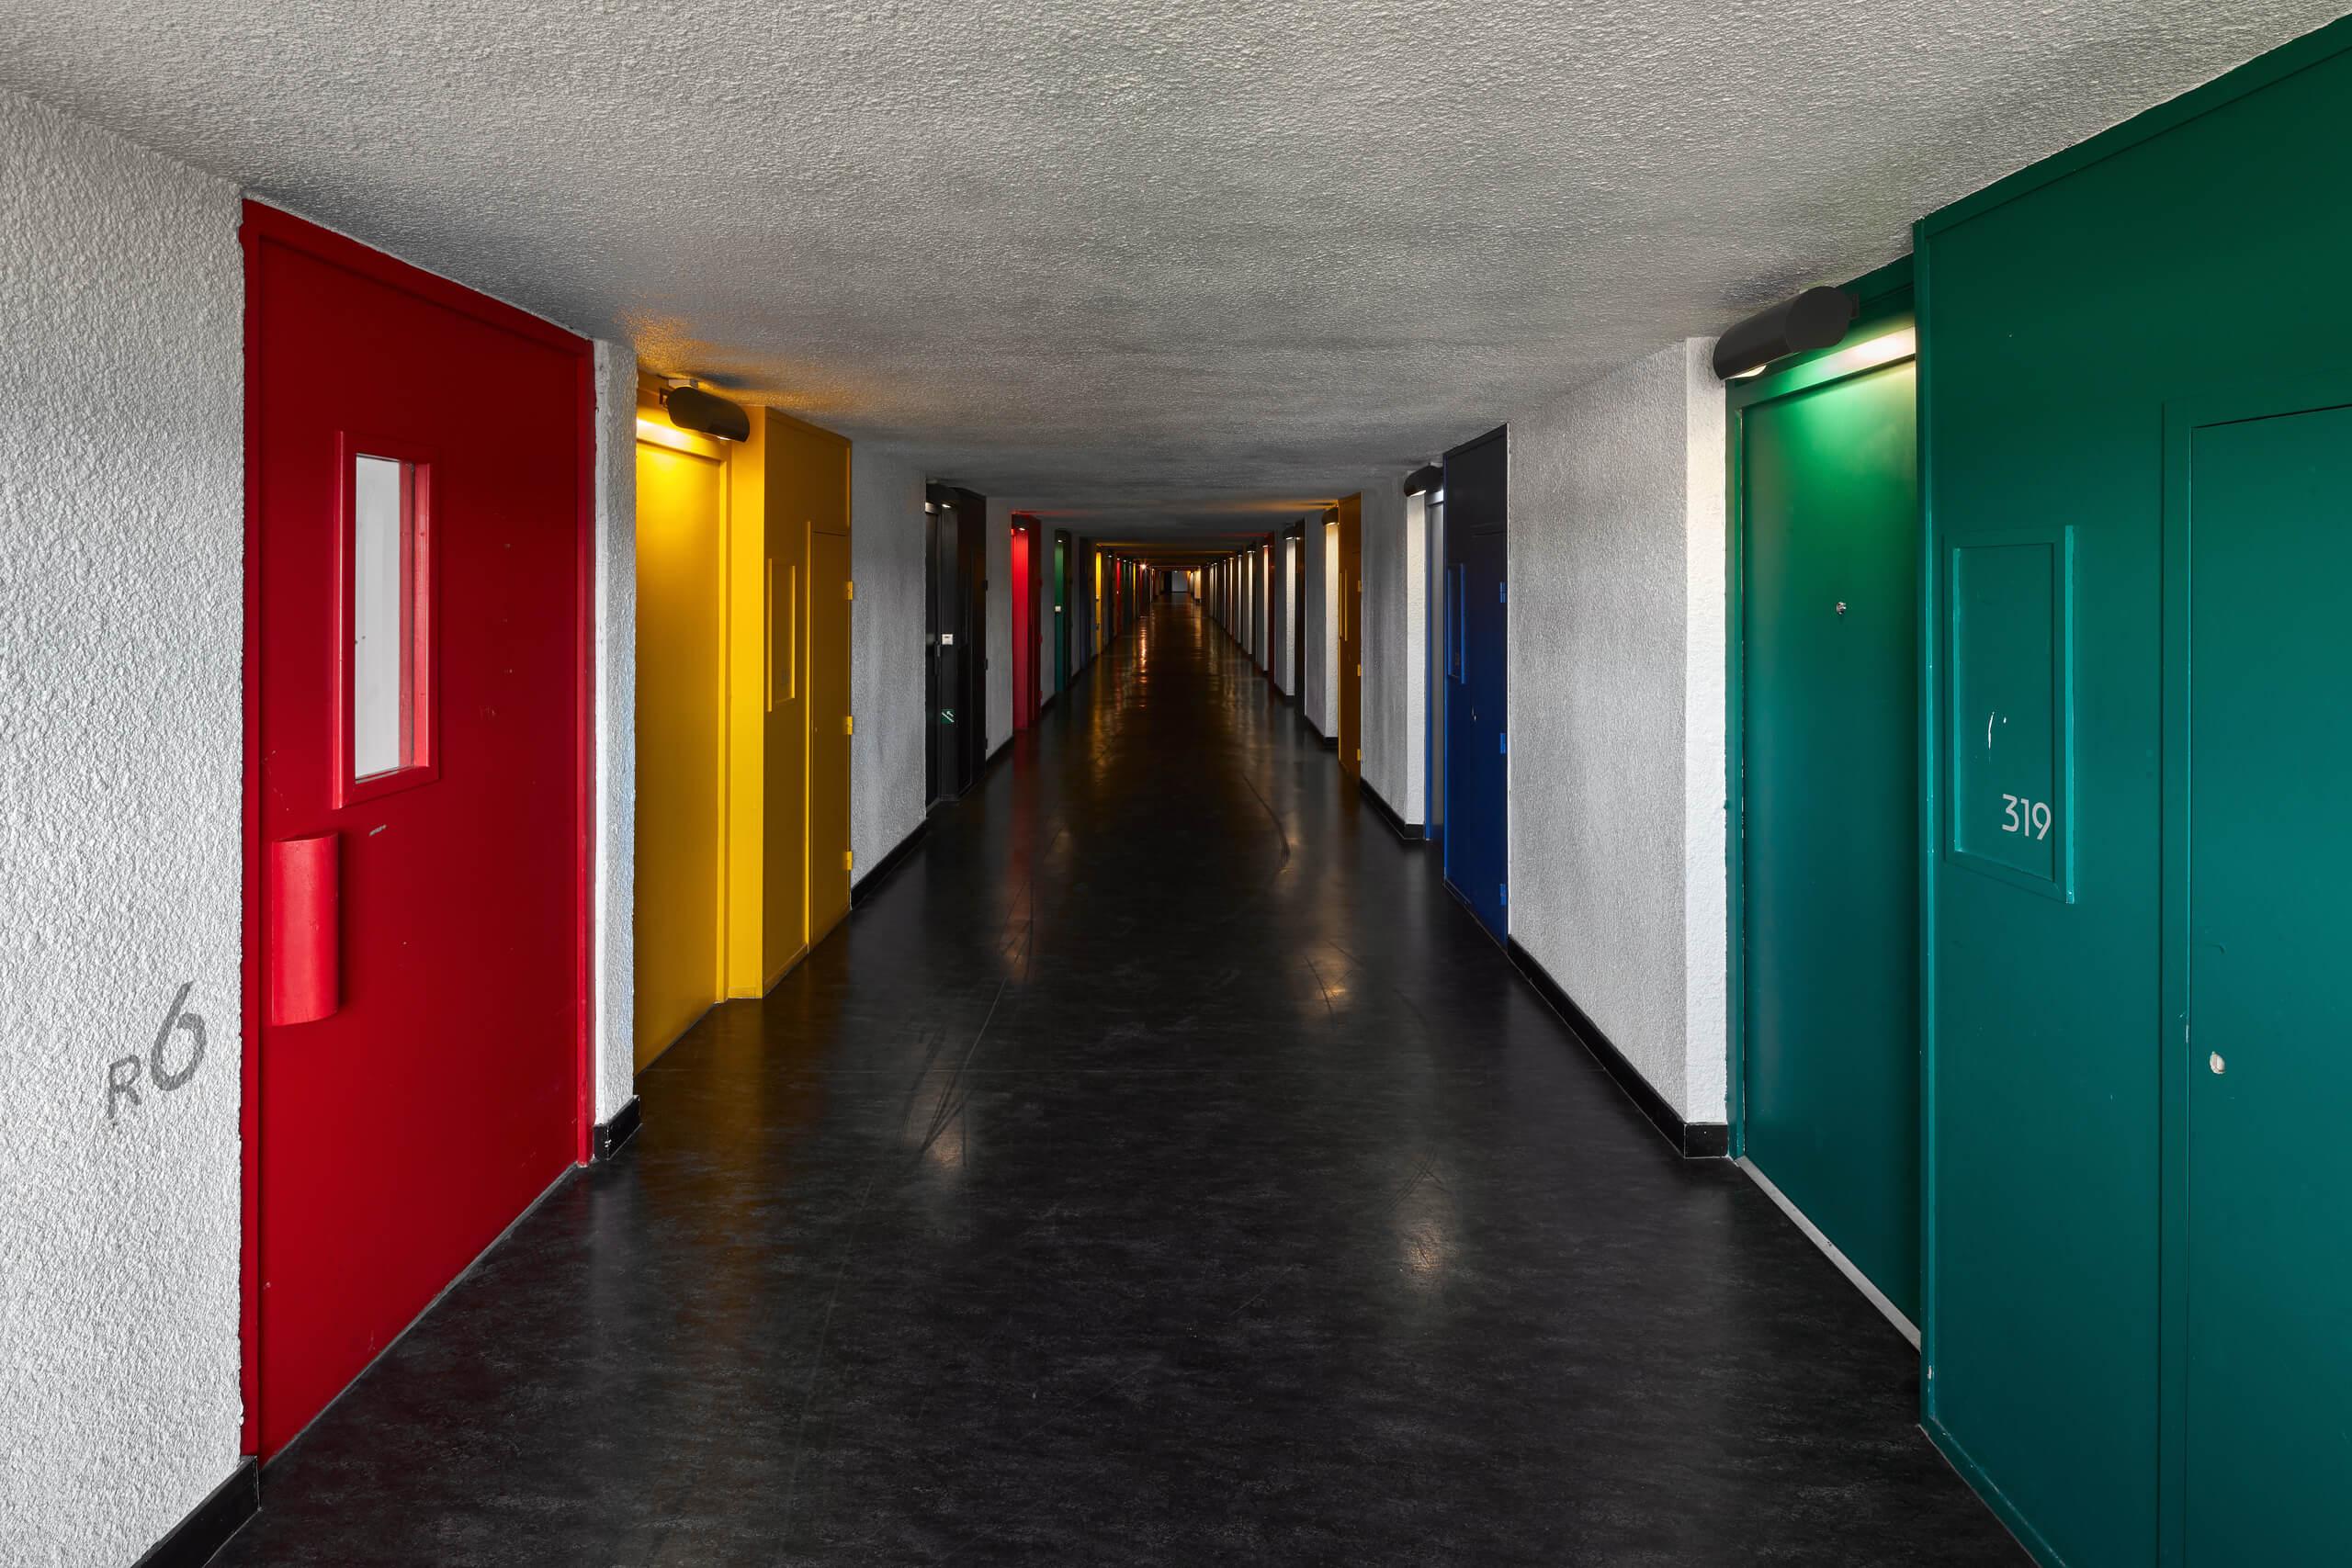 Federico_Covre_Unité_Firminy_Le_Corbusier_2018_59